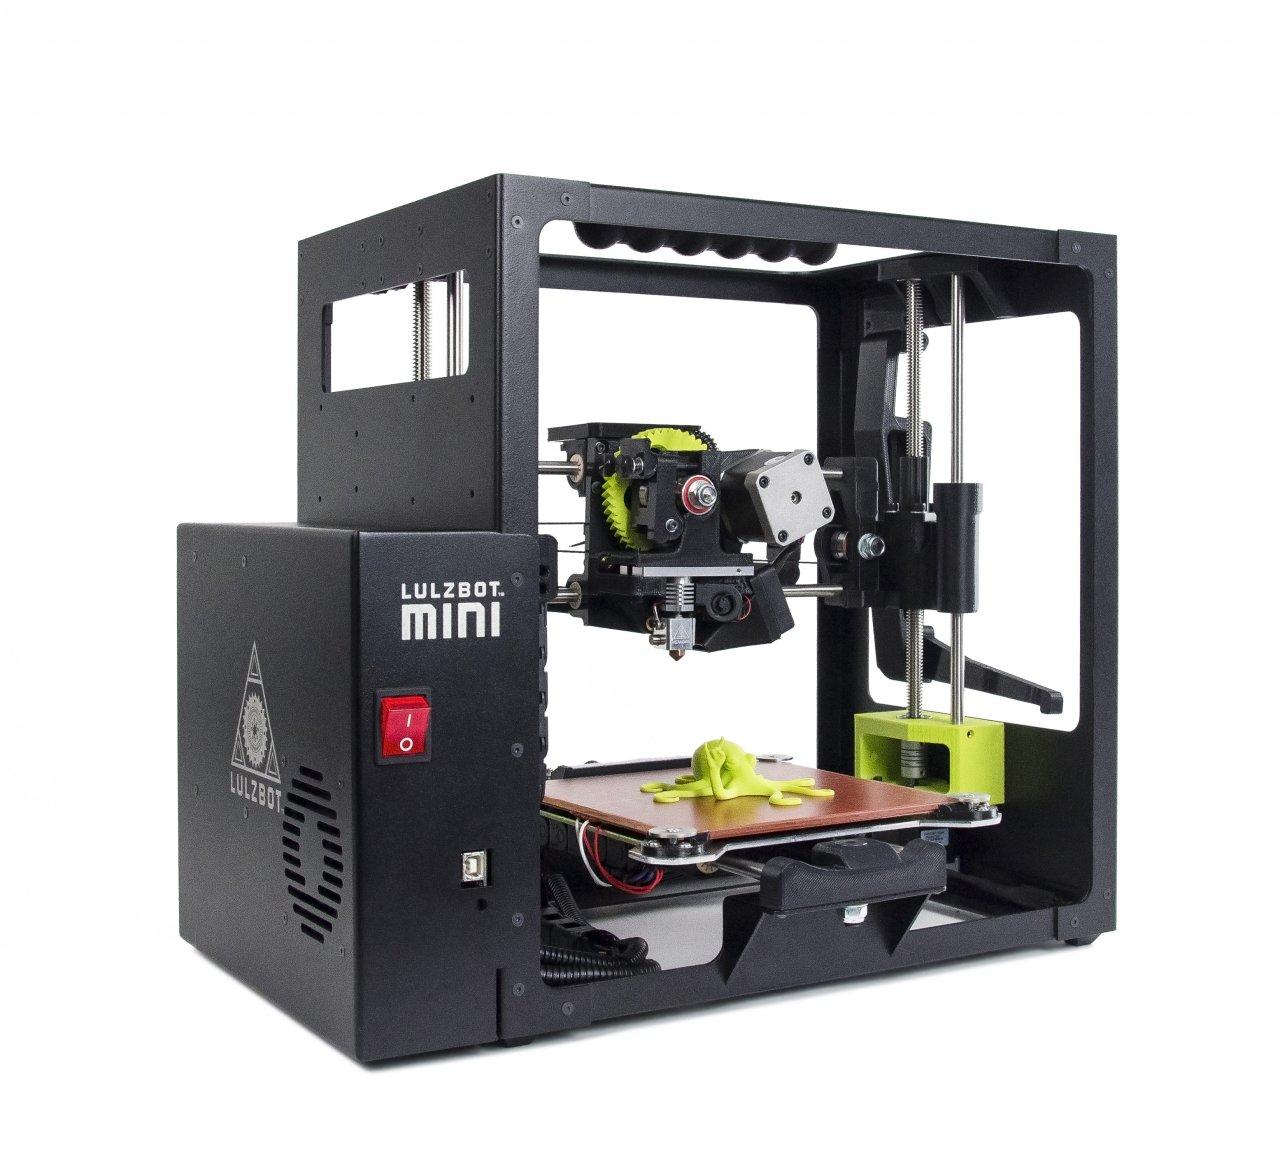 lulzbot_mini_3d_drucker_3d_printer1